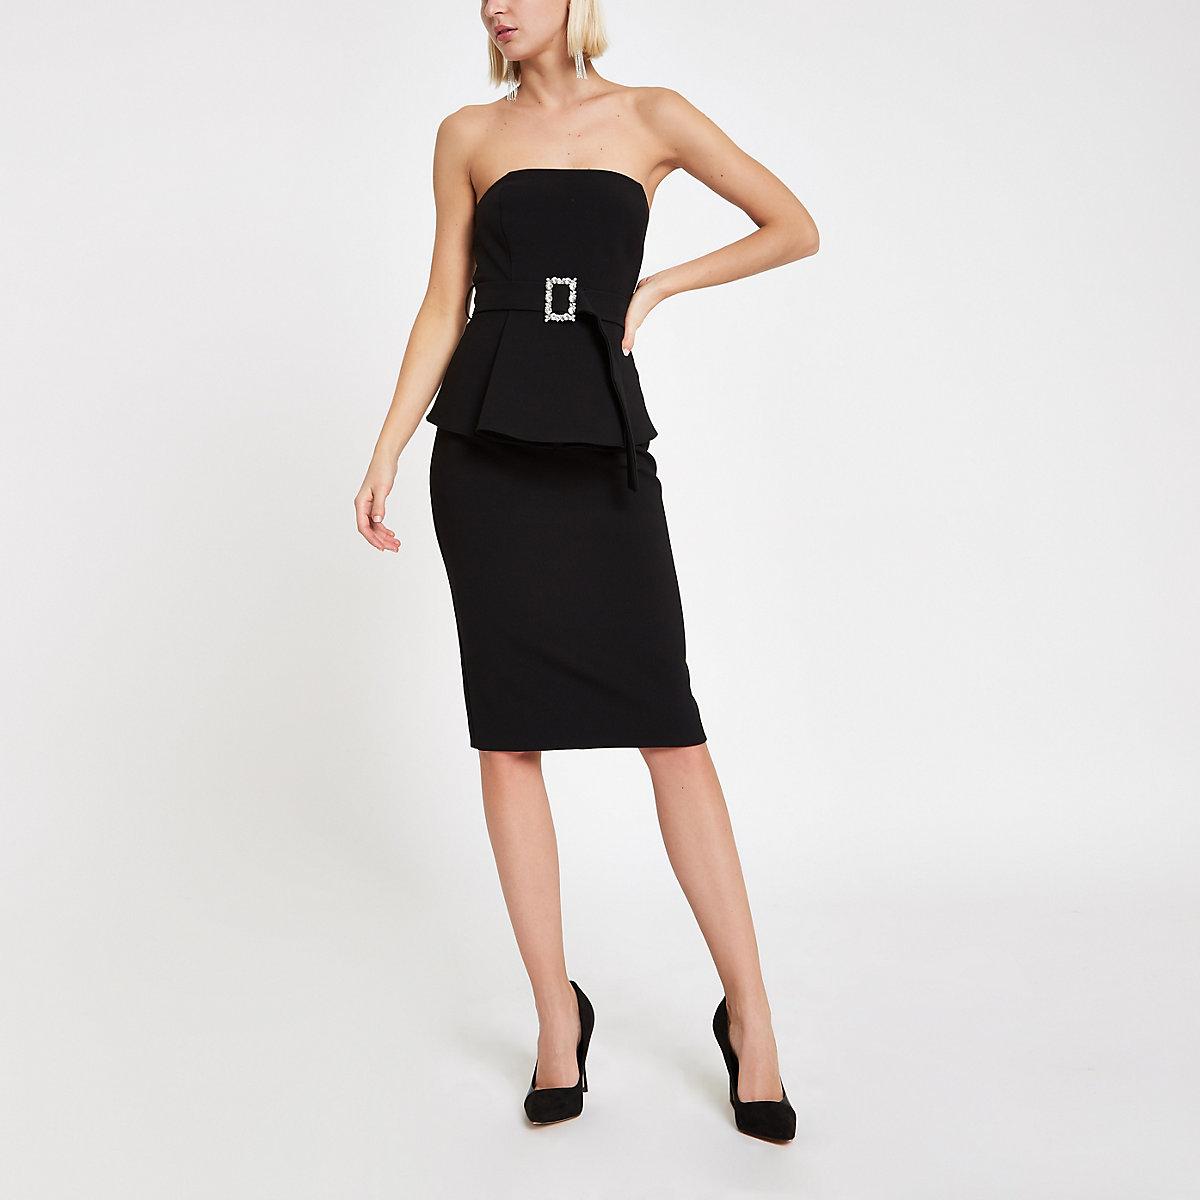 Schwarzes Bandeau-Minikleid mit Schnalle